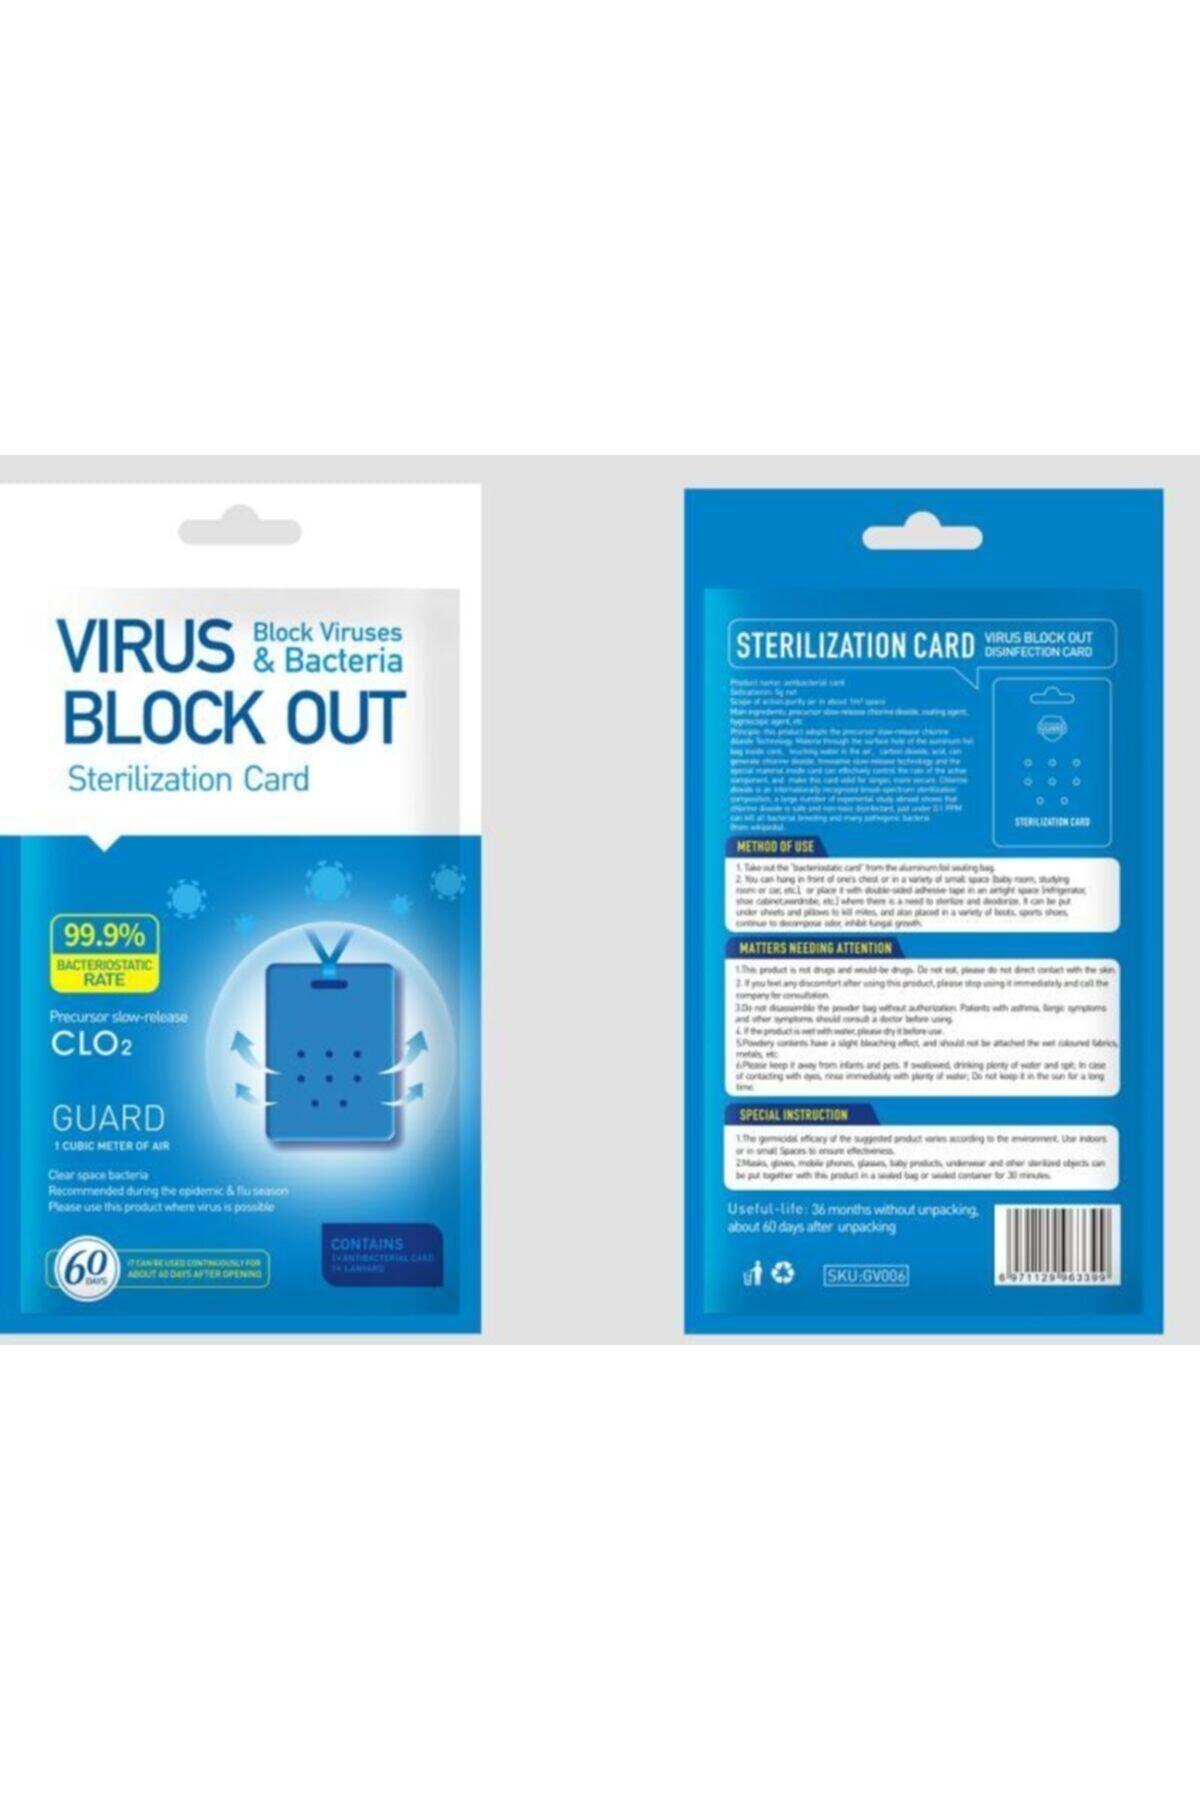 Vso DEZENFEKTAN KART | Virüs Block Out Yaka Kartı - 5'li Paket(5adet) 60 Gün Koruma 2